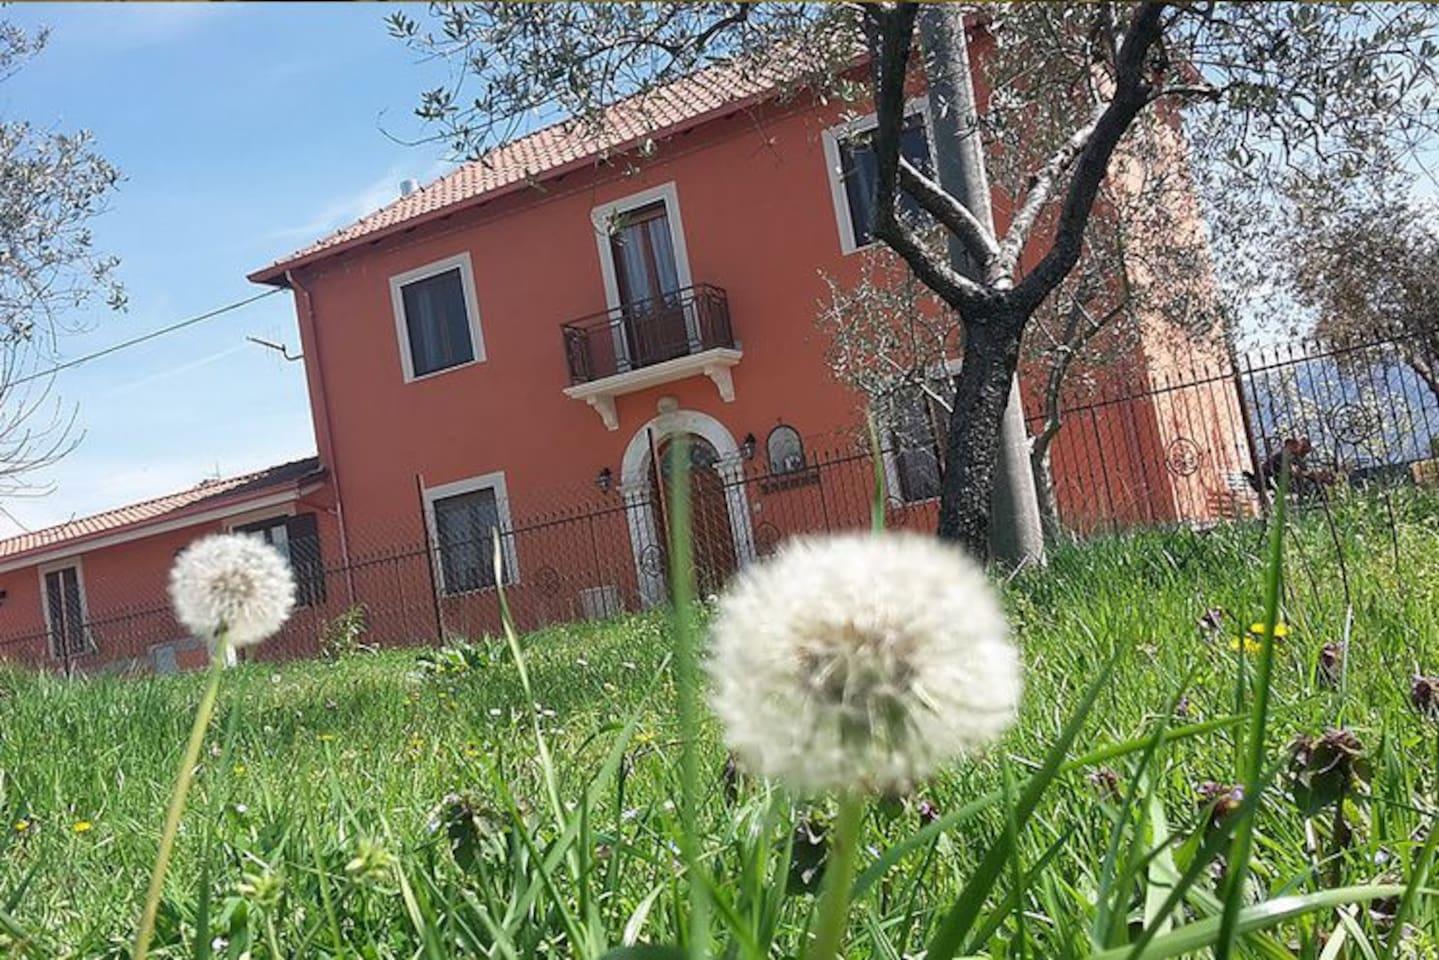 Casa di campagna con giardino